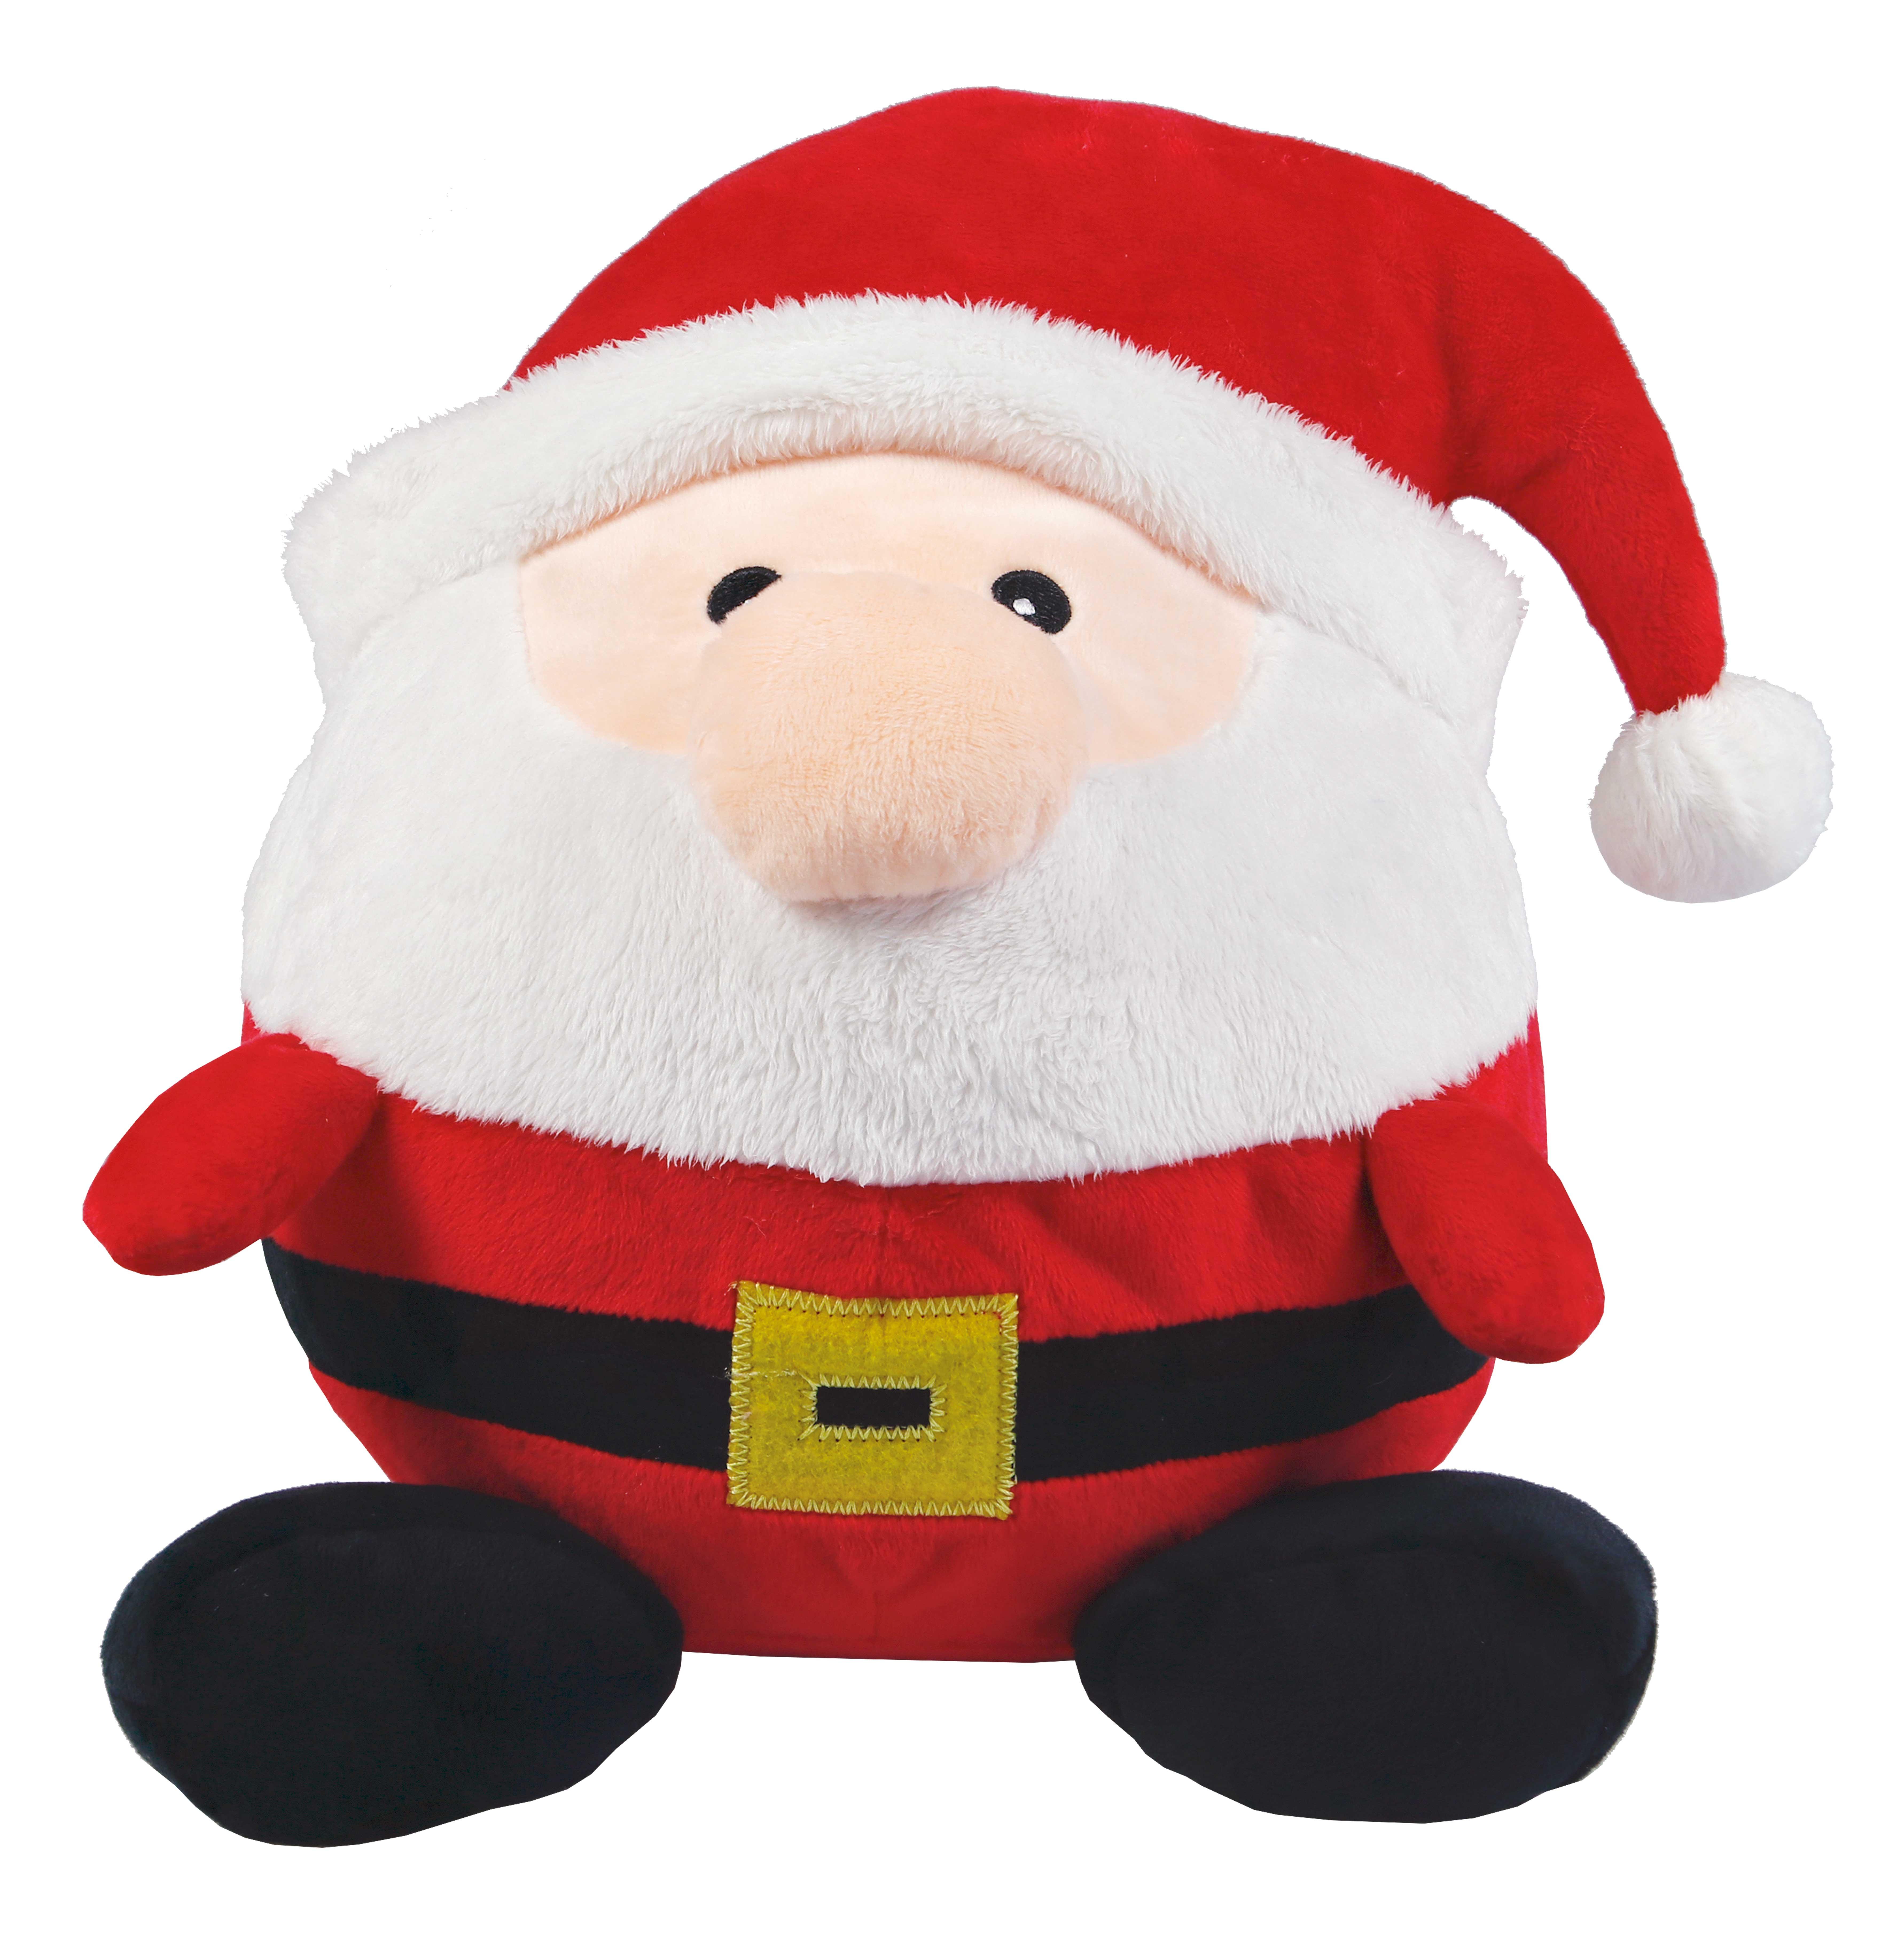 Plüschball Weihnachtsmann